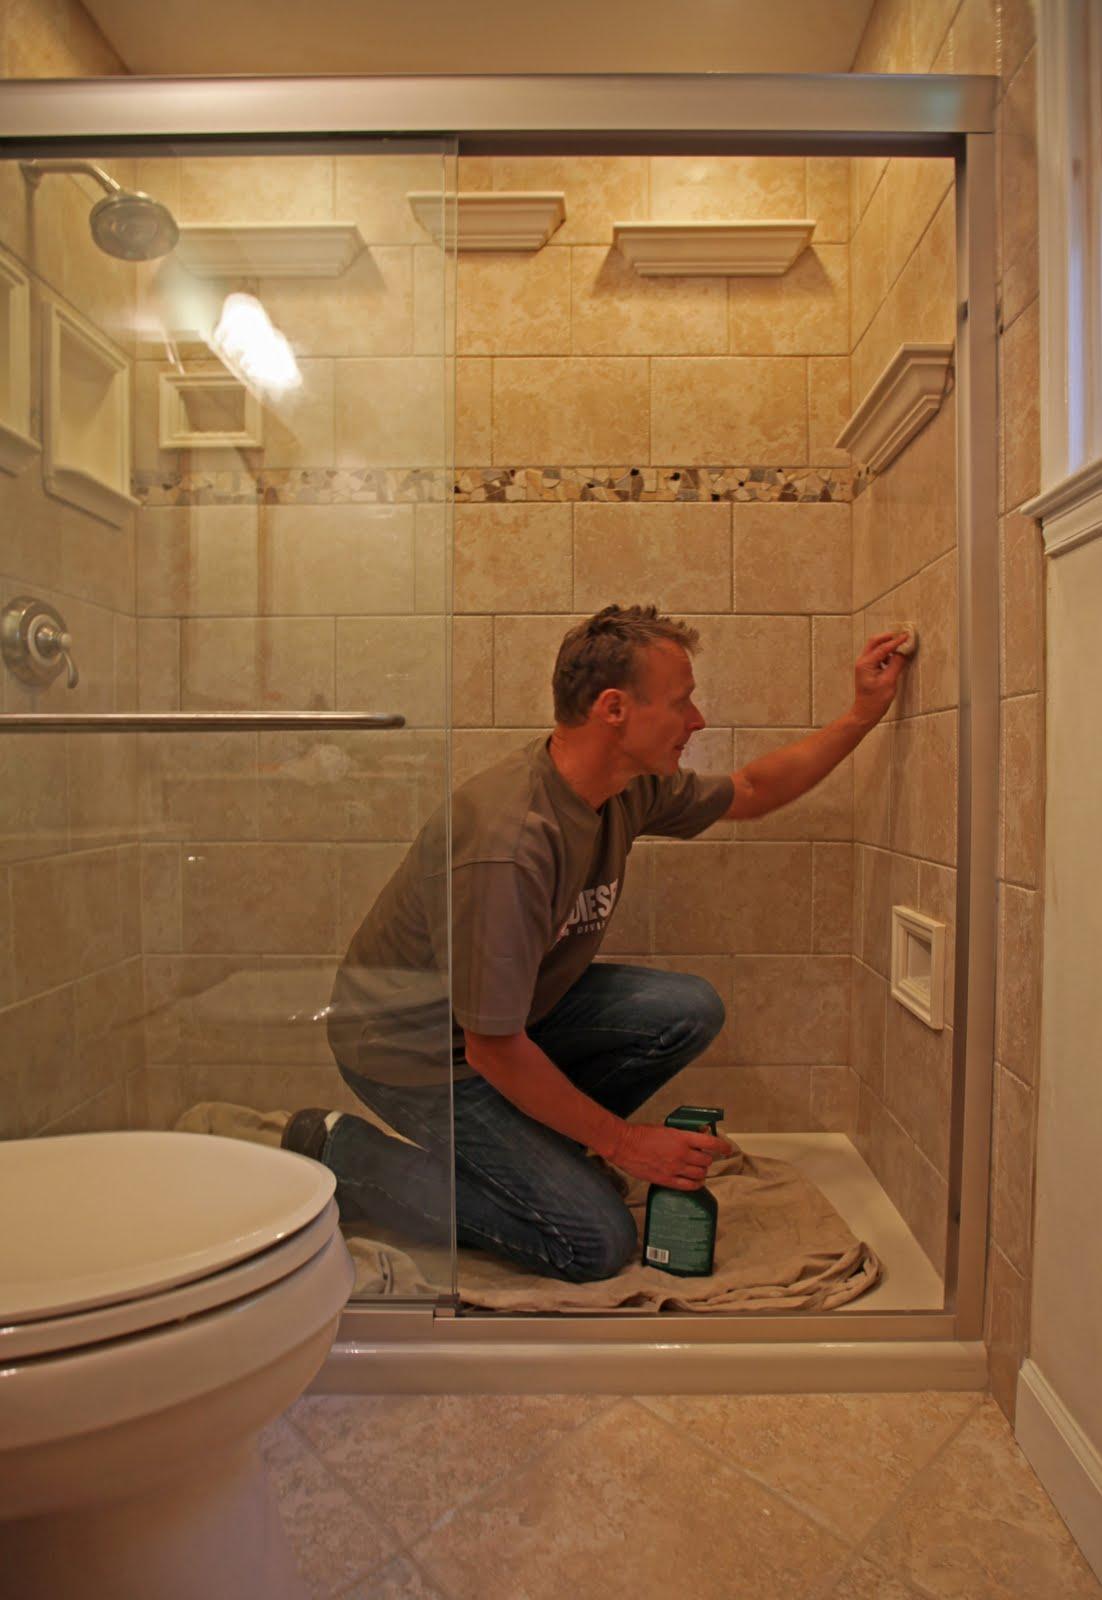 Kitchen Tiles Design: Bathroom Remodeling Design Ideas Tile Shower Niches